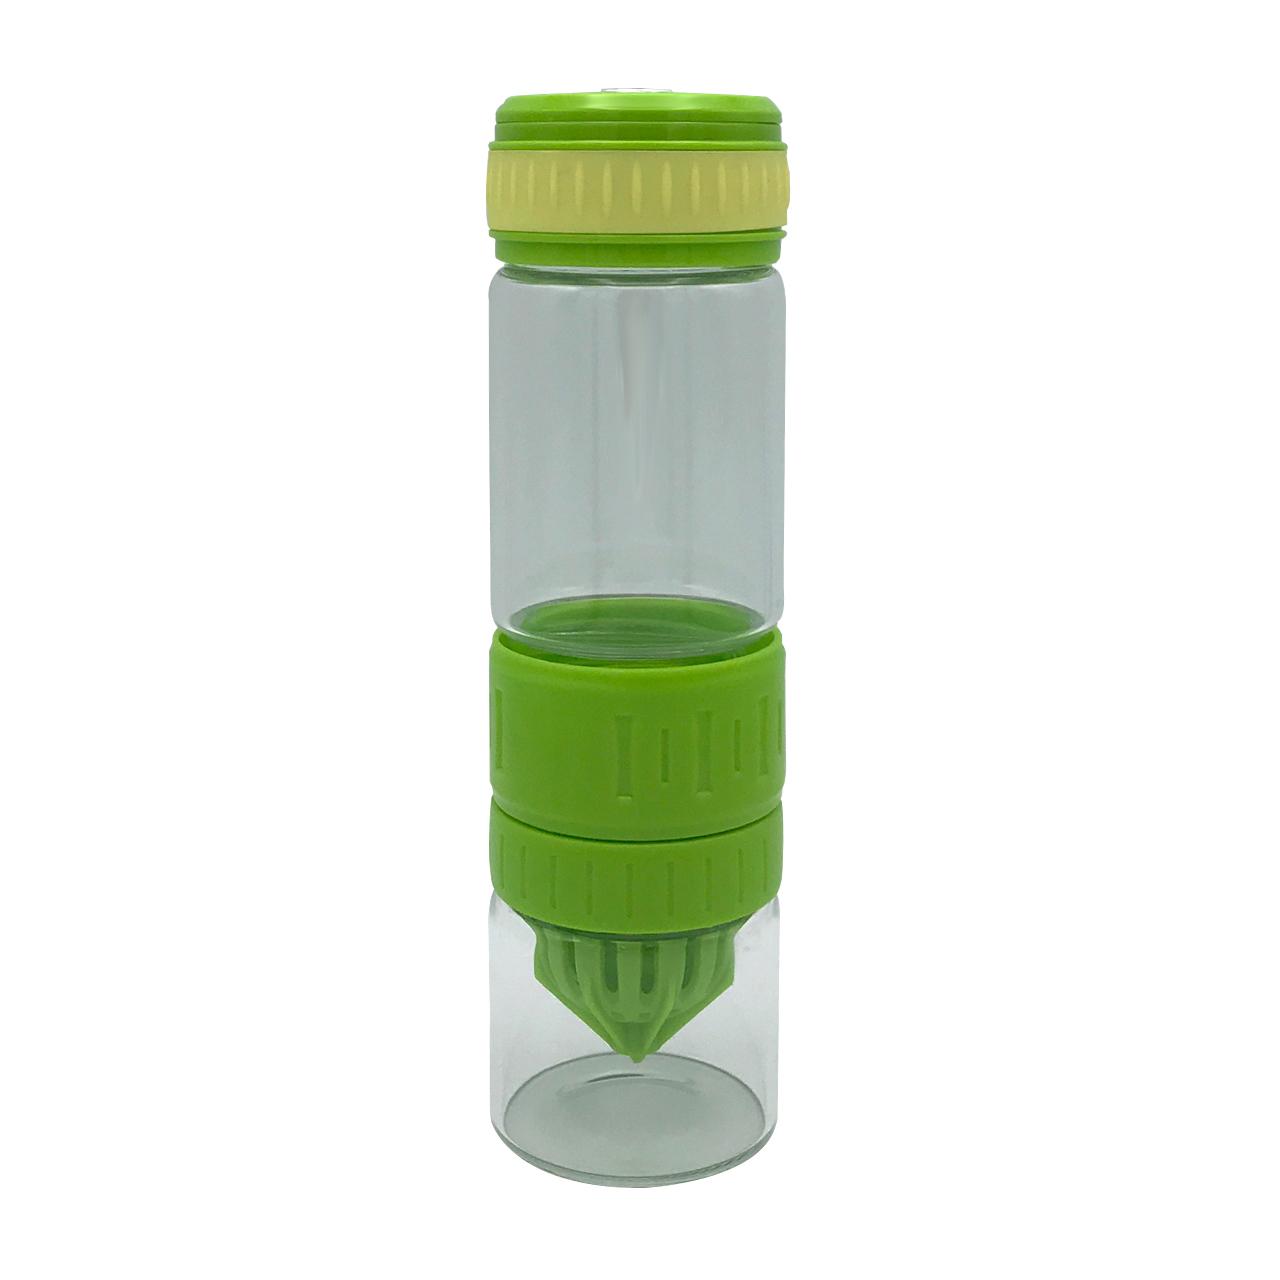 بطری آبمیوه گیری مدل لیمون هاپ کد 504